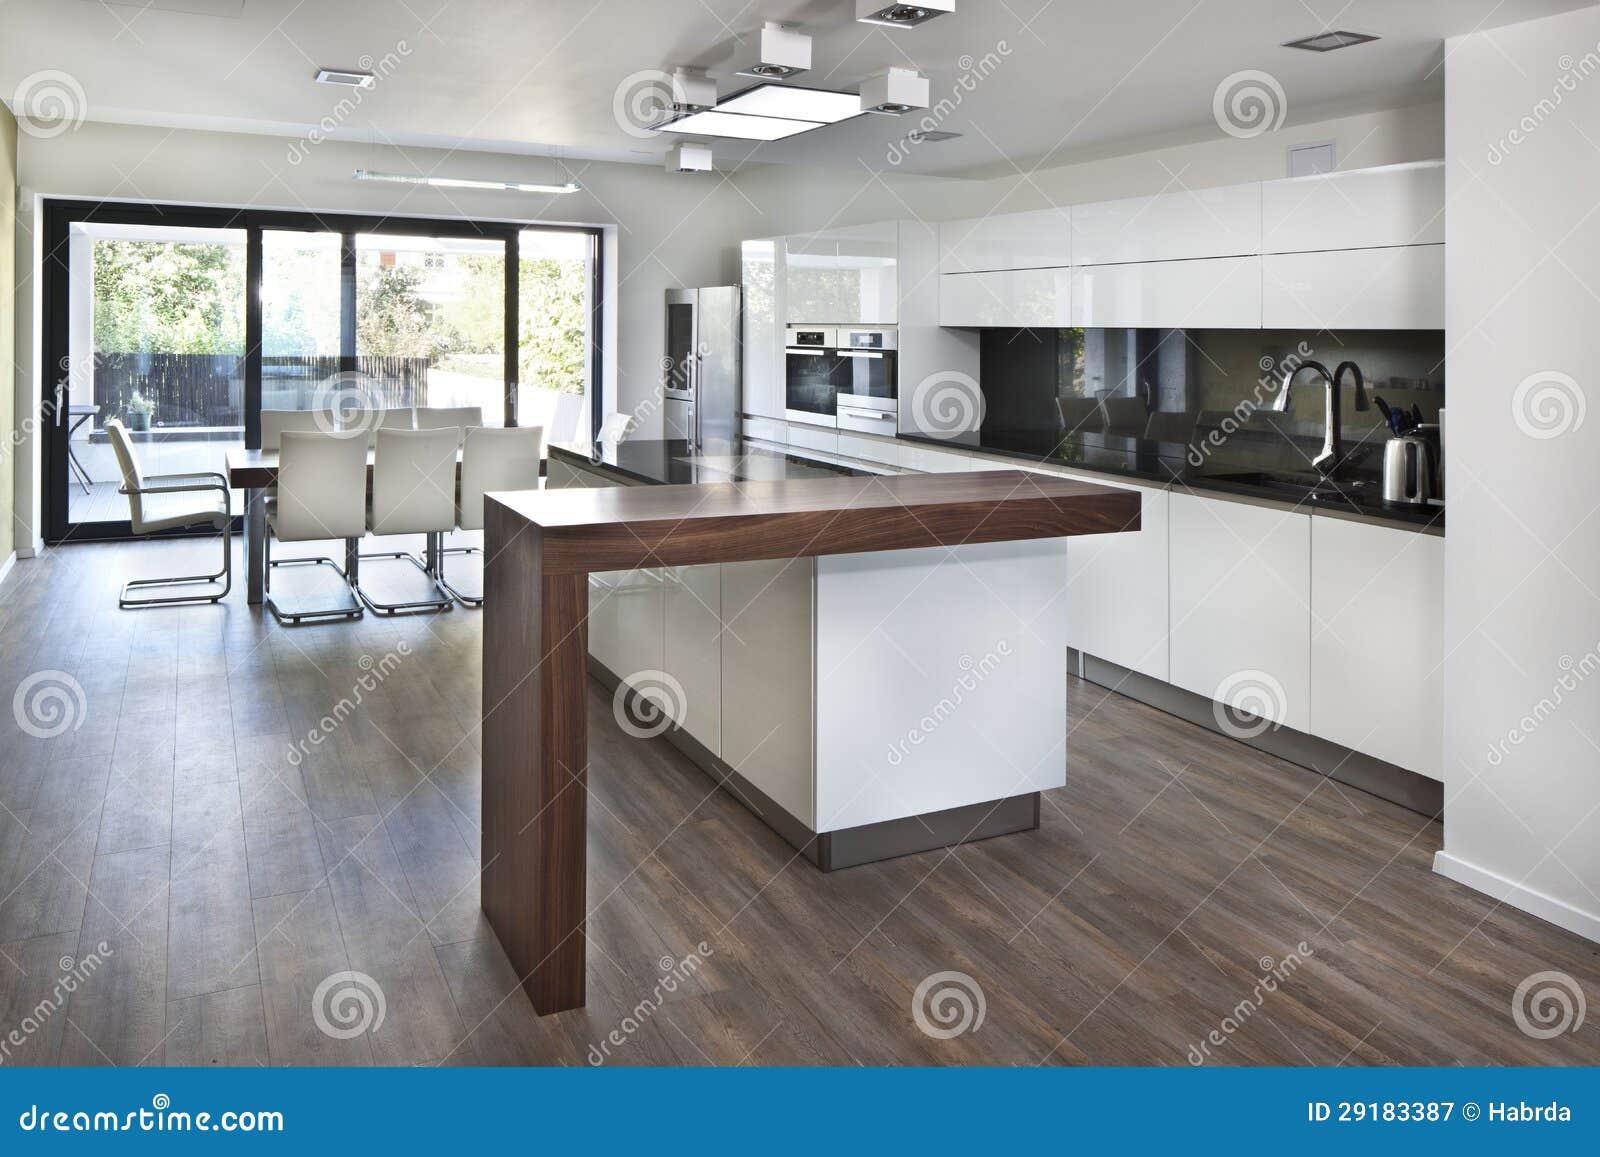 Free: Espaço aberto da cozinha no interior novo da casa da família #82A229 1300 957